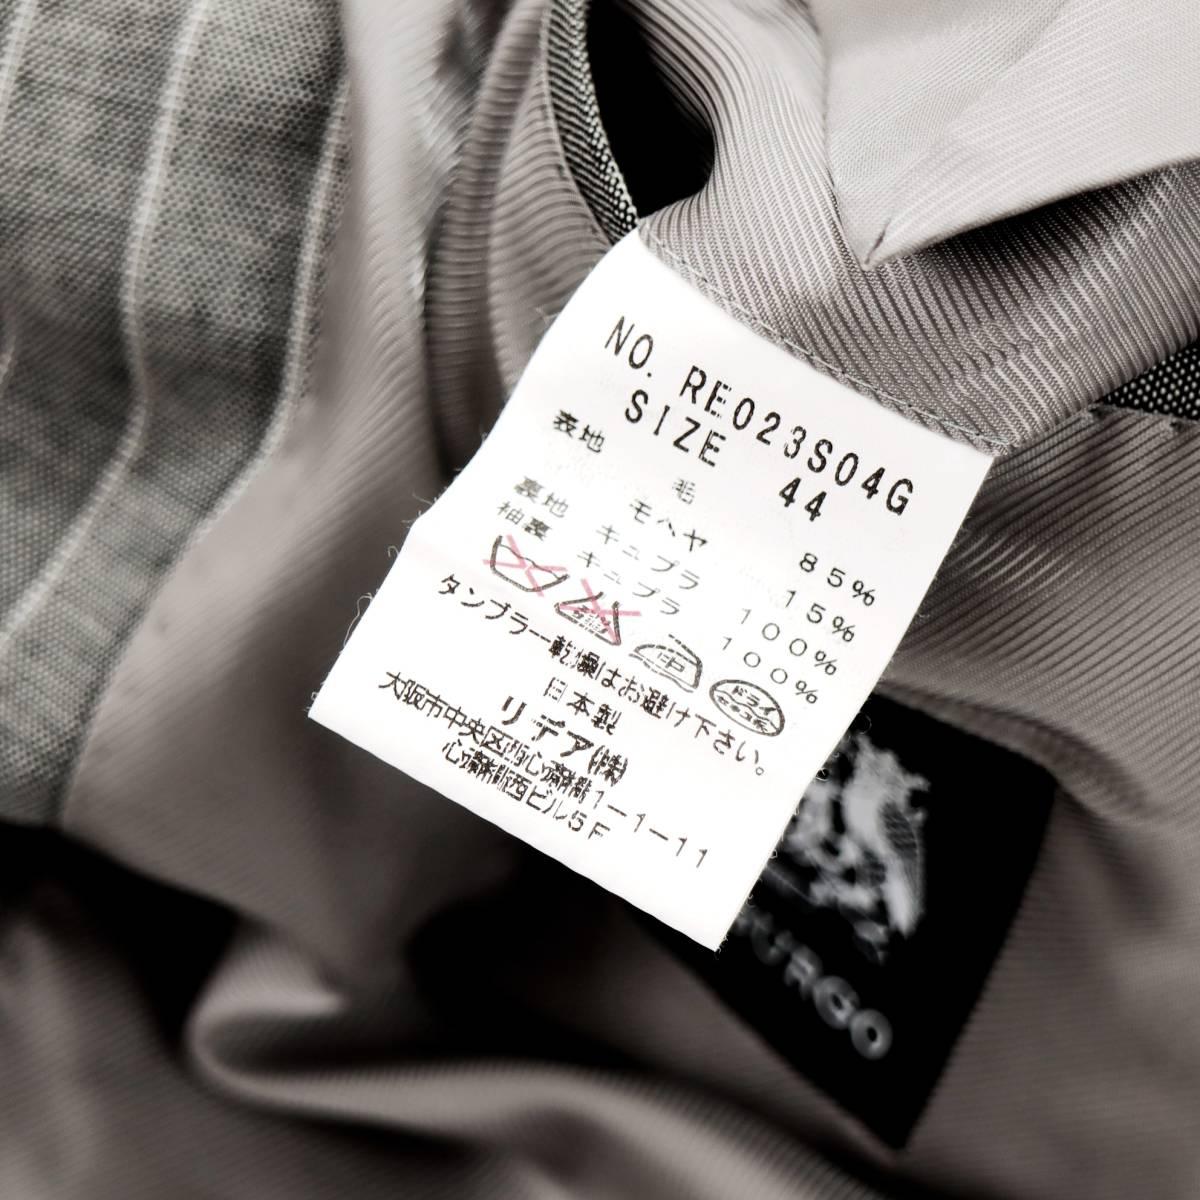 極上リッチな艶◎「ストラスブルゴ」×「リングヂャケット」通年イタリアングレー色◎滑らかな極上素材ピンストライプ柄スーツ 44 S~M_画像9